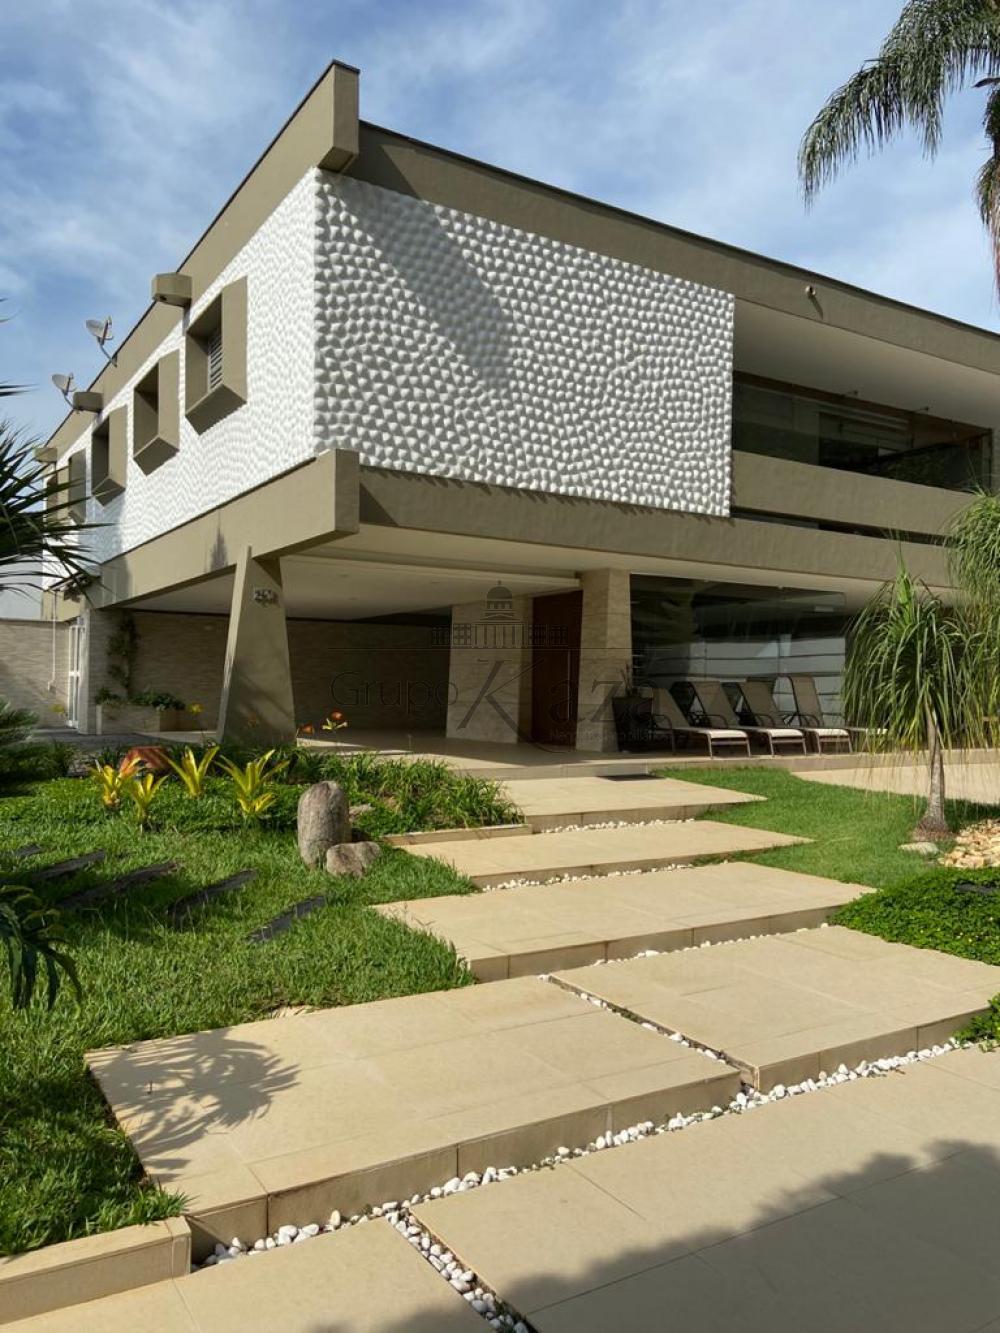 Sao Jose dos Campos Casa Venda R$2.500.000,00 Condominio R$1.000,00 3 Dormitorios 3 Suites Area do terreno 540.00m2 Area construida 476.00m2